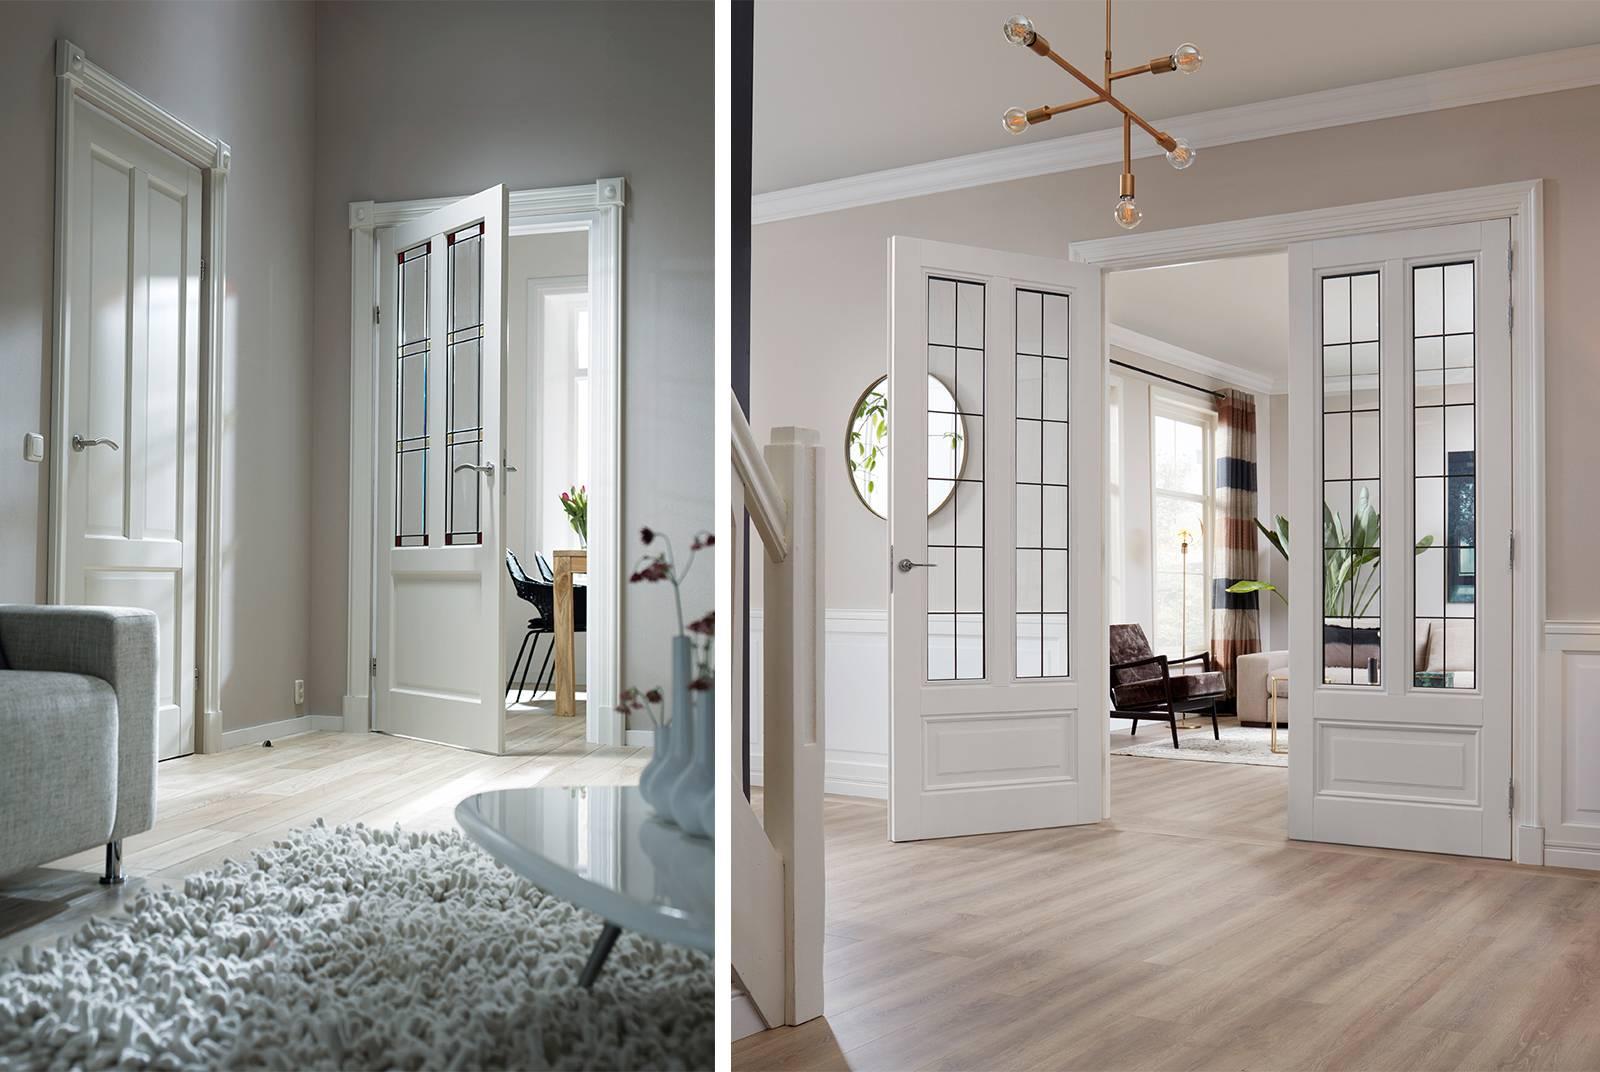 Breedte Openslaande Deuren : Soorten deuren openslaande deuren deuren bestellen